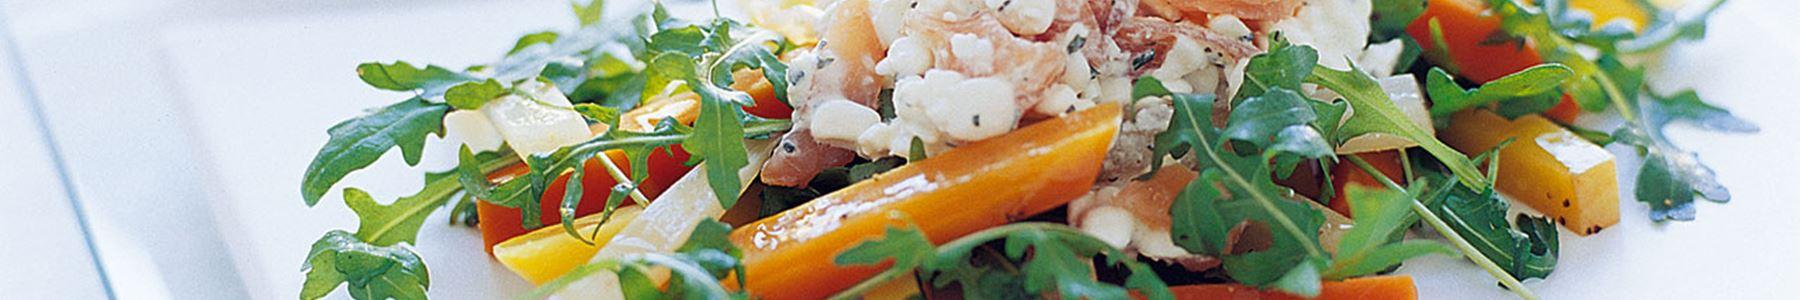 Lax + Morötter + Sallad